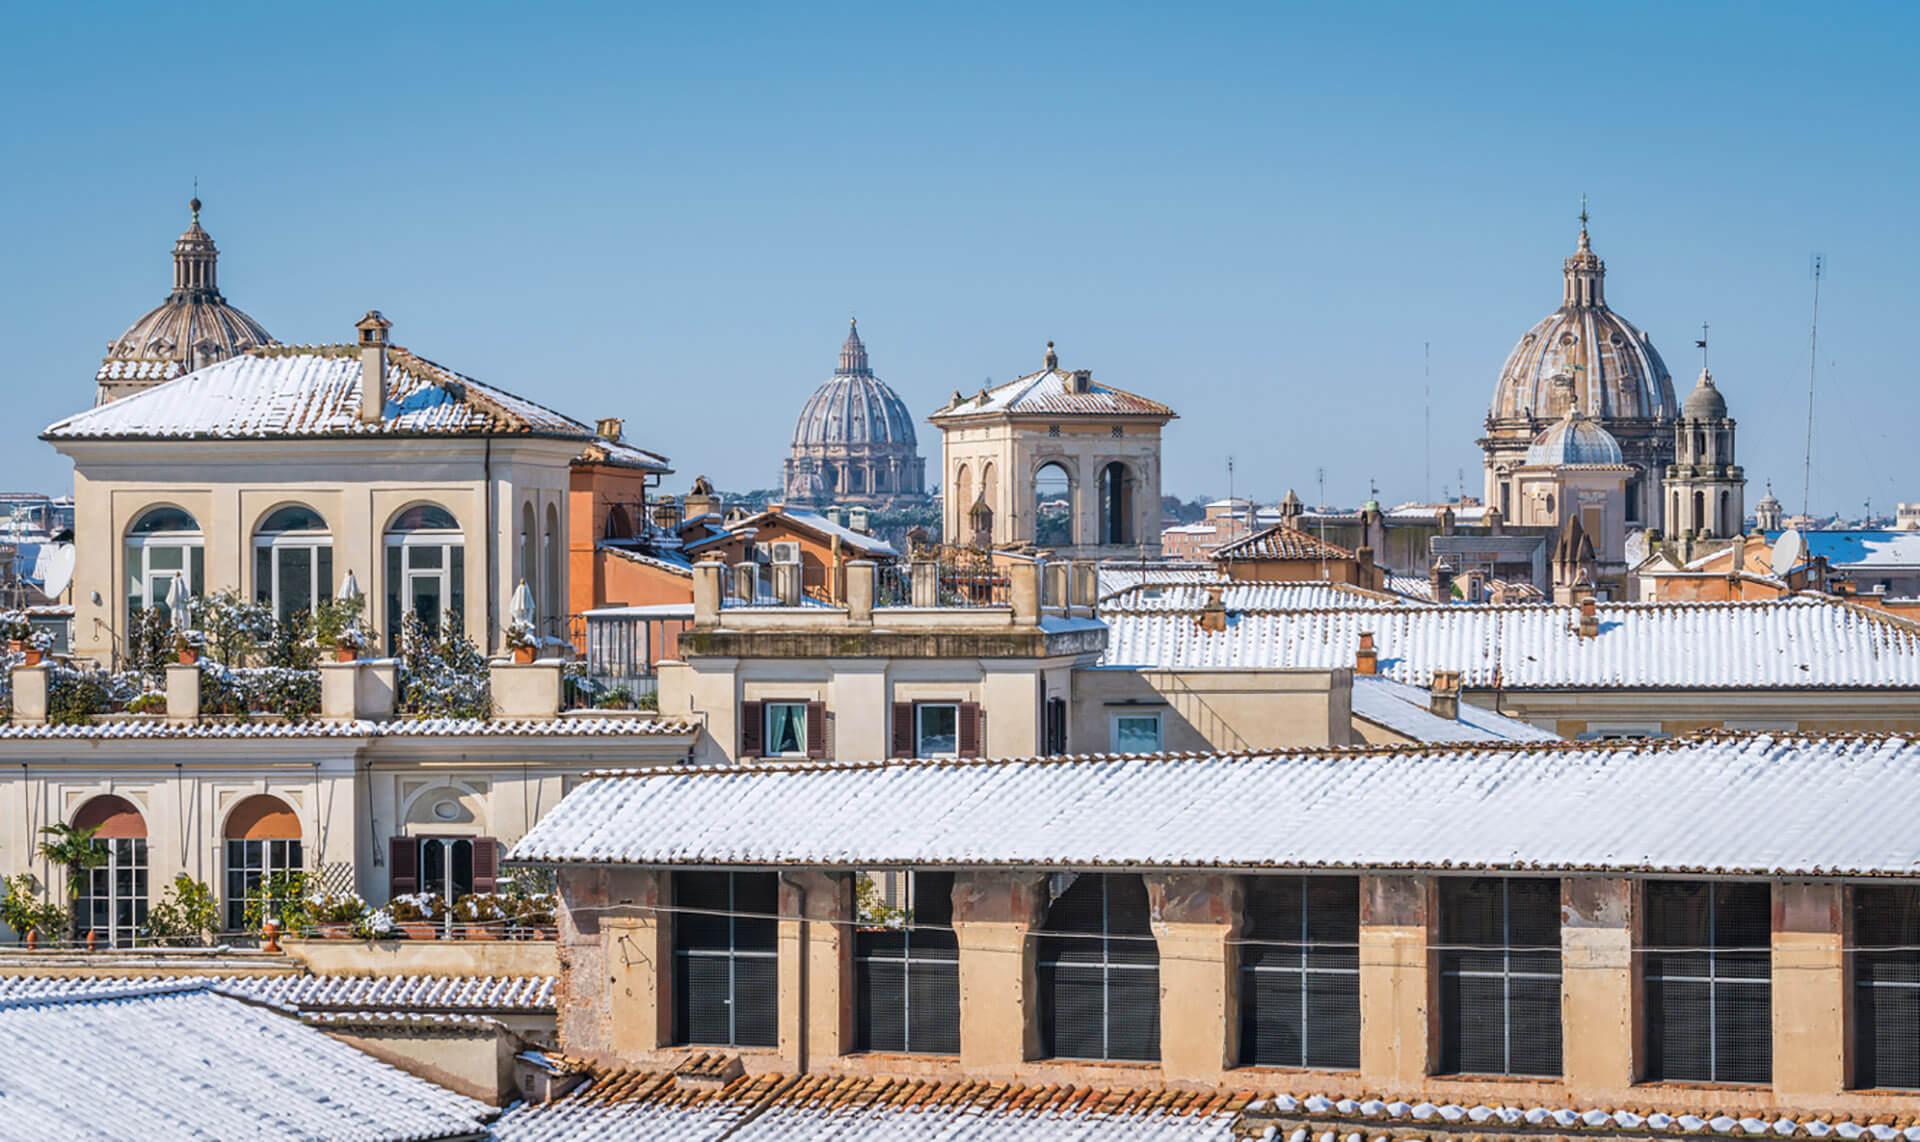 Le case più belle di Roma, quali sono e dove si trovano